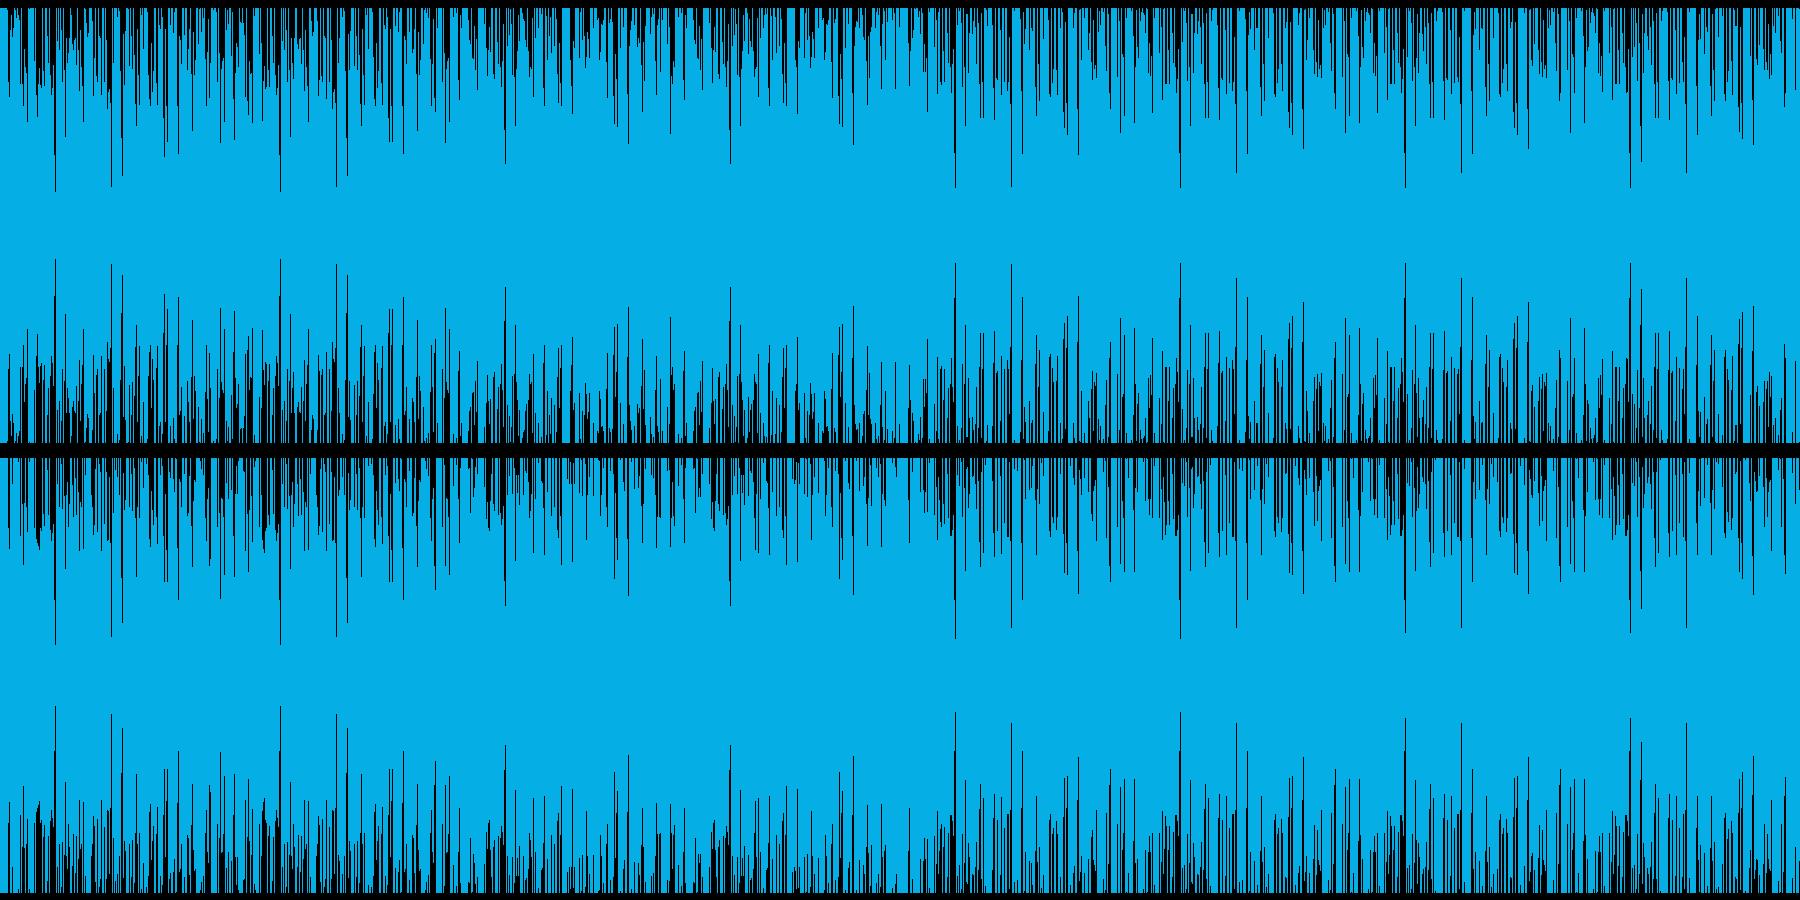 ファッション系に最適デジタル系ループの再生済みの波形